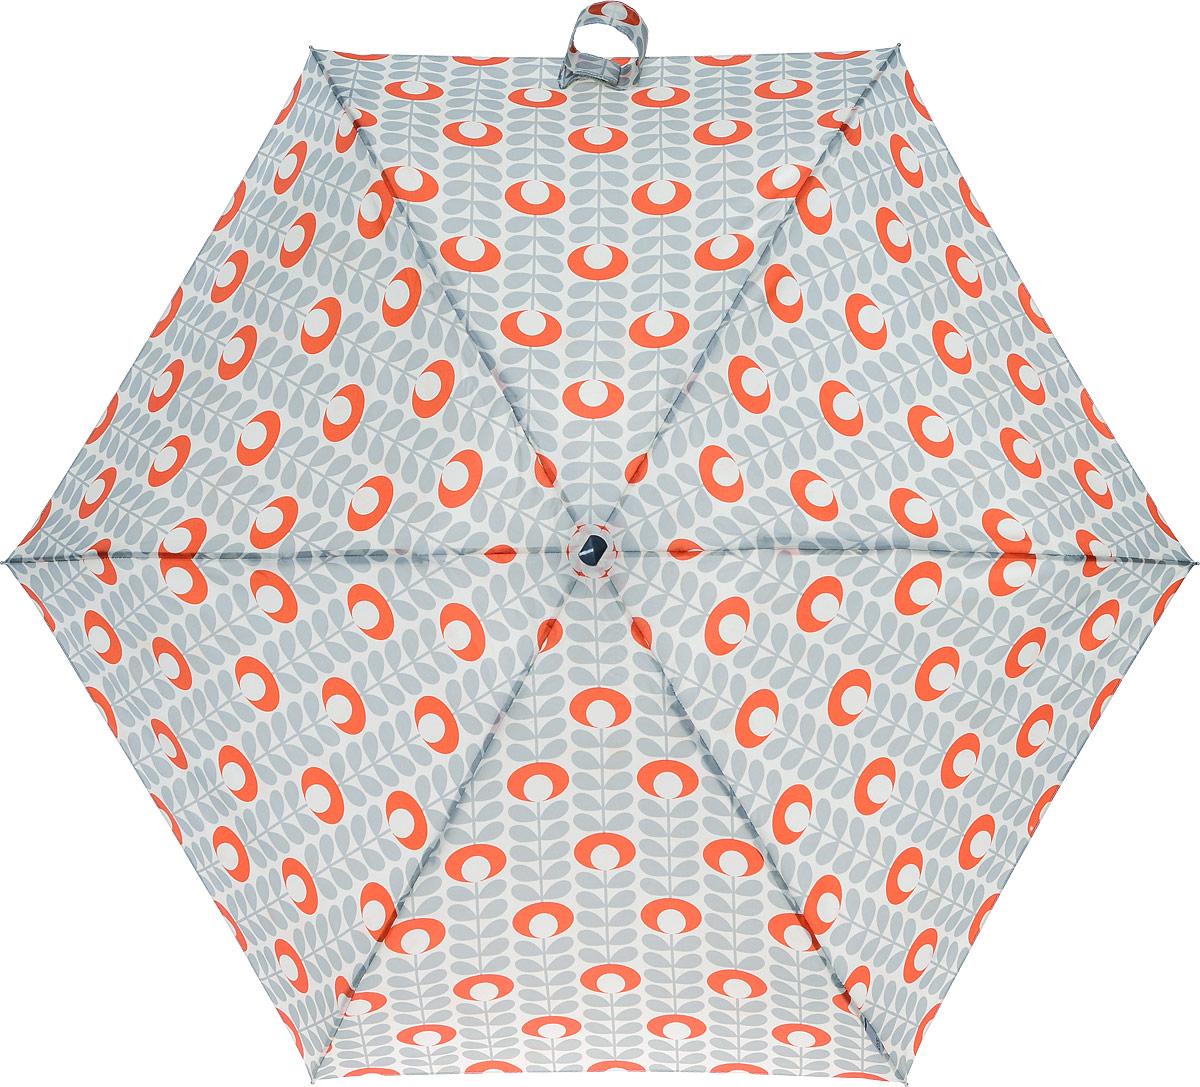 Зонт женский Orla Kiely Tiny, механический, 5 сложений, цвет: бежевый, серый, оранжевый. L744-3209L744-3209 FlowerOvalStemTomatoСтильный механический зонт Orla Kiely Tiny в 5 сложений даже в ненастную погоду позволит вам оставаться элегантной. Облегченный каркас зонта выполнен из 6 спиц из фибергласса и алюминия, стержень также изготовлен из алюминия, удобная рукоятка - из дерева. Купол зонта выполнен из прочного полиэстера. В закрытом виде застегивается хлястиком на липучке. Яркий оригинальный рисунок в виде оригинальных листьев поднимет настроение в дождливый день. Зонт механического сложения: купол открывается и закрывается вручную до характерного щелчка. На рукоятке для удобства есть небольшой шнурок, позволяющий надеть зонт на руку тогда, когда это будет необходимо. К зонту прилагается чехол, который оформлен нашивкой с названием бренда. Такой зонт компактно располагается в кармане, сумочке, дверке автомобиля.